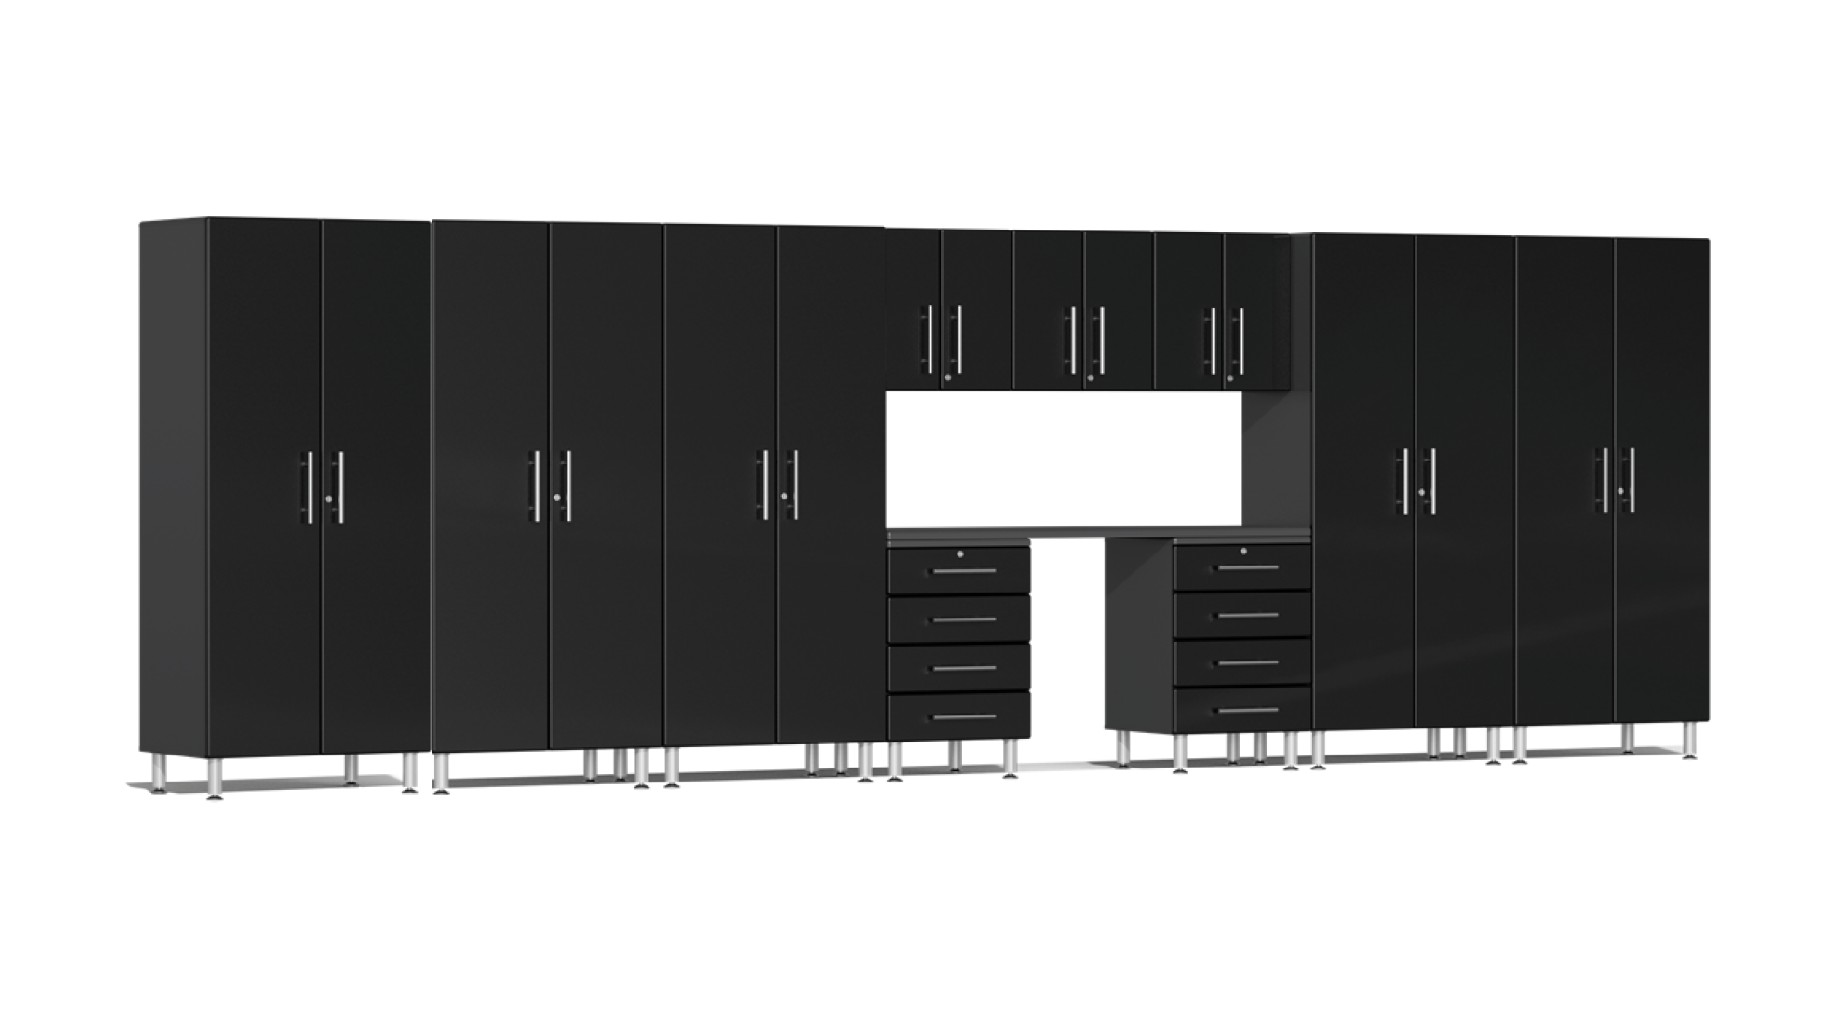 Ulti-MATE Garage 2.0 Series 11-Piece Kit with Workstation in Black Metallic UG23111B